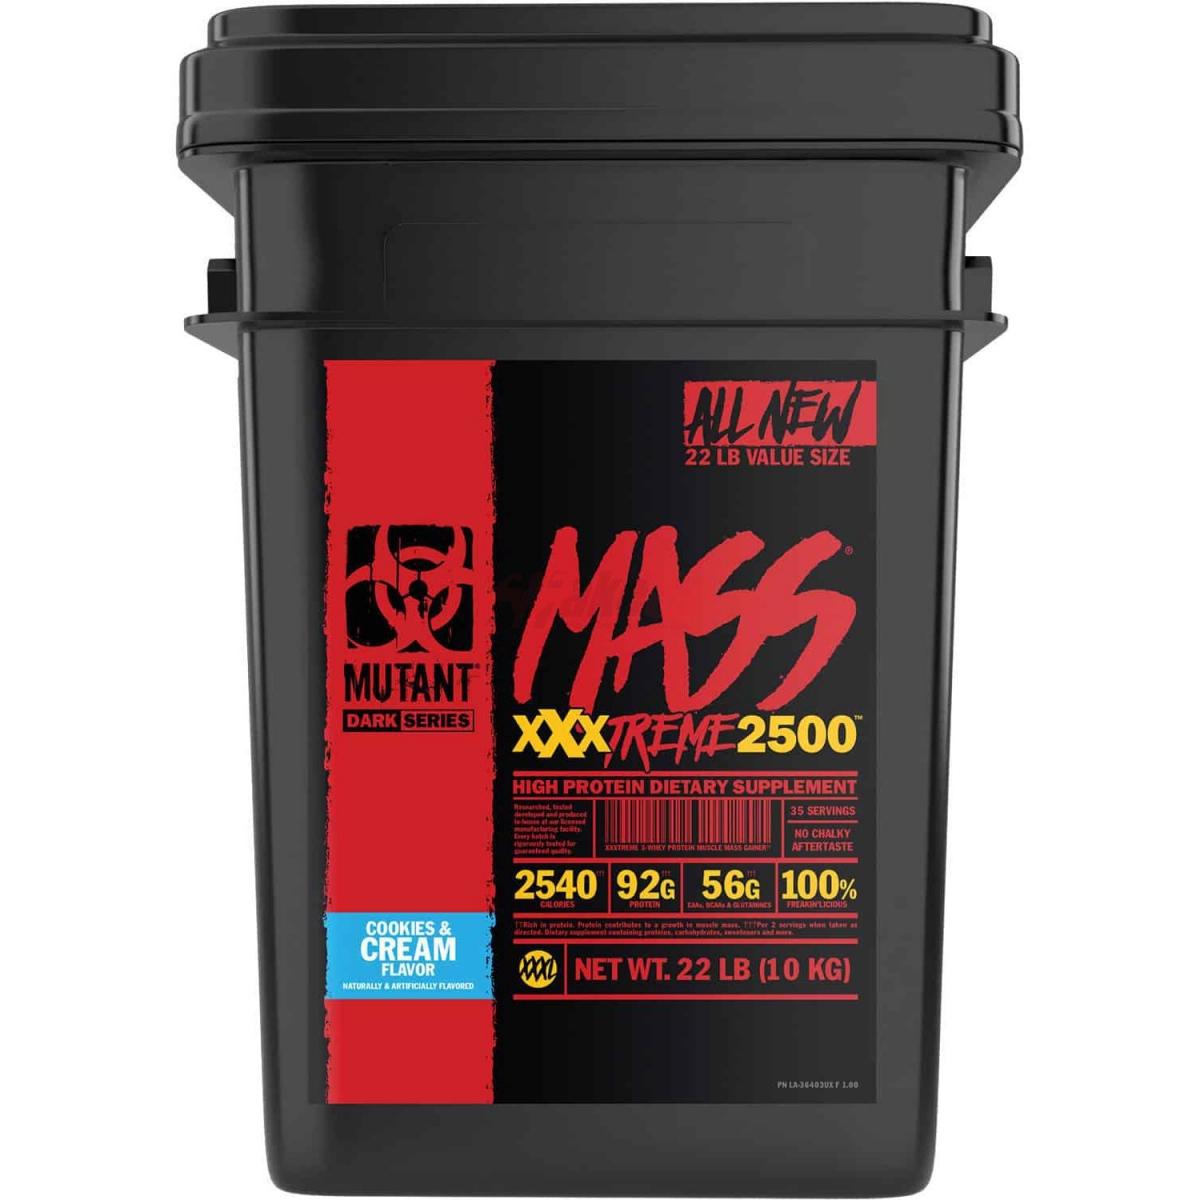 MUTANT Mass Xxxtreme 2500 10kg